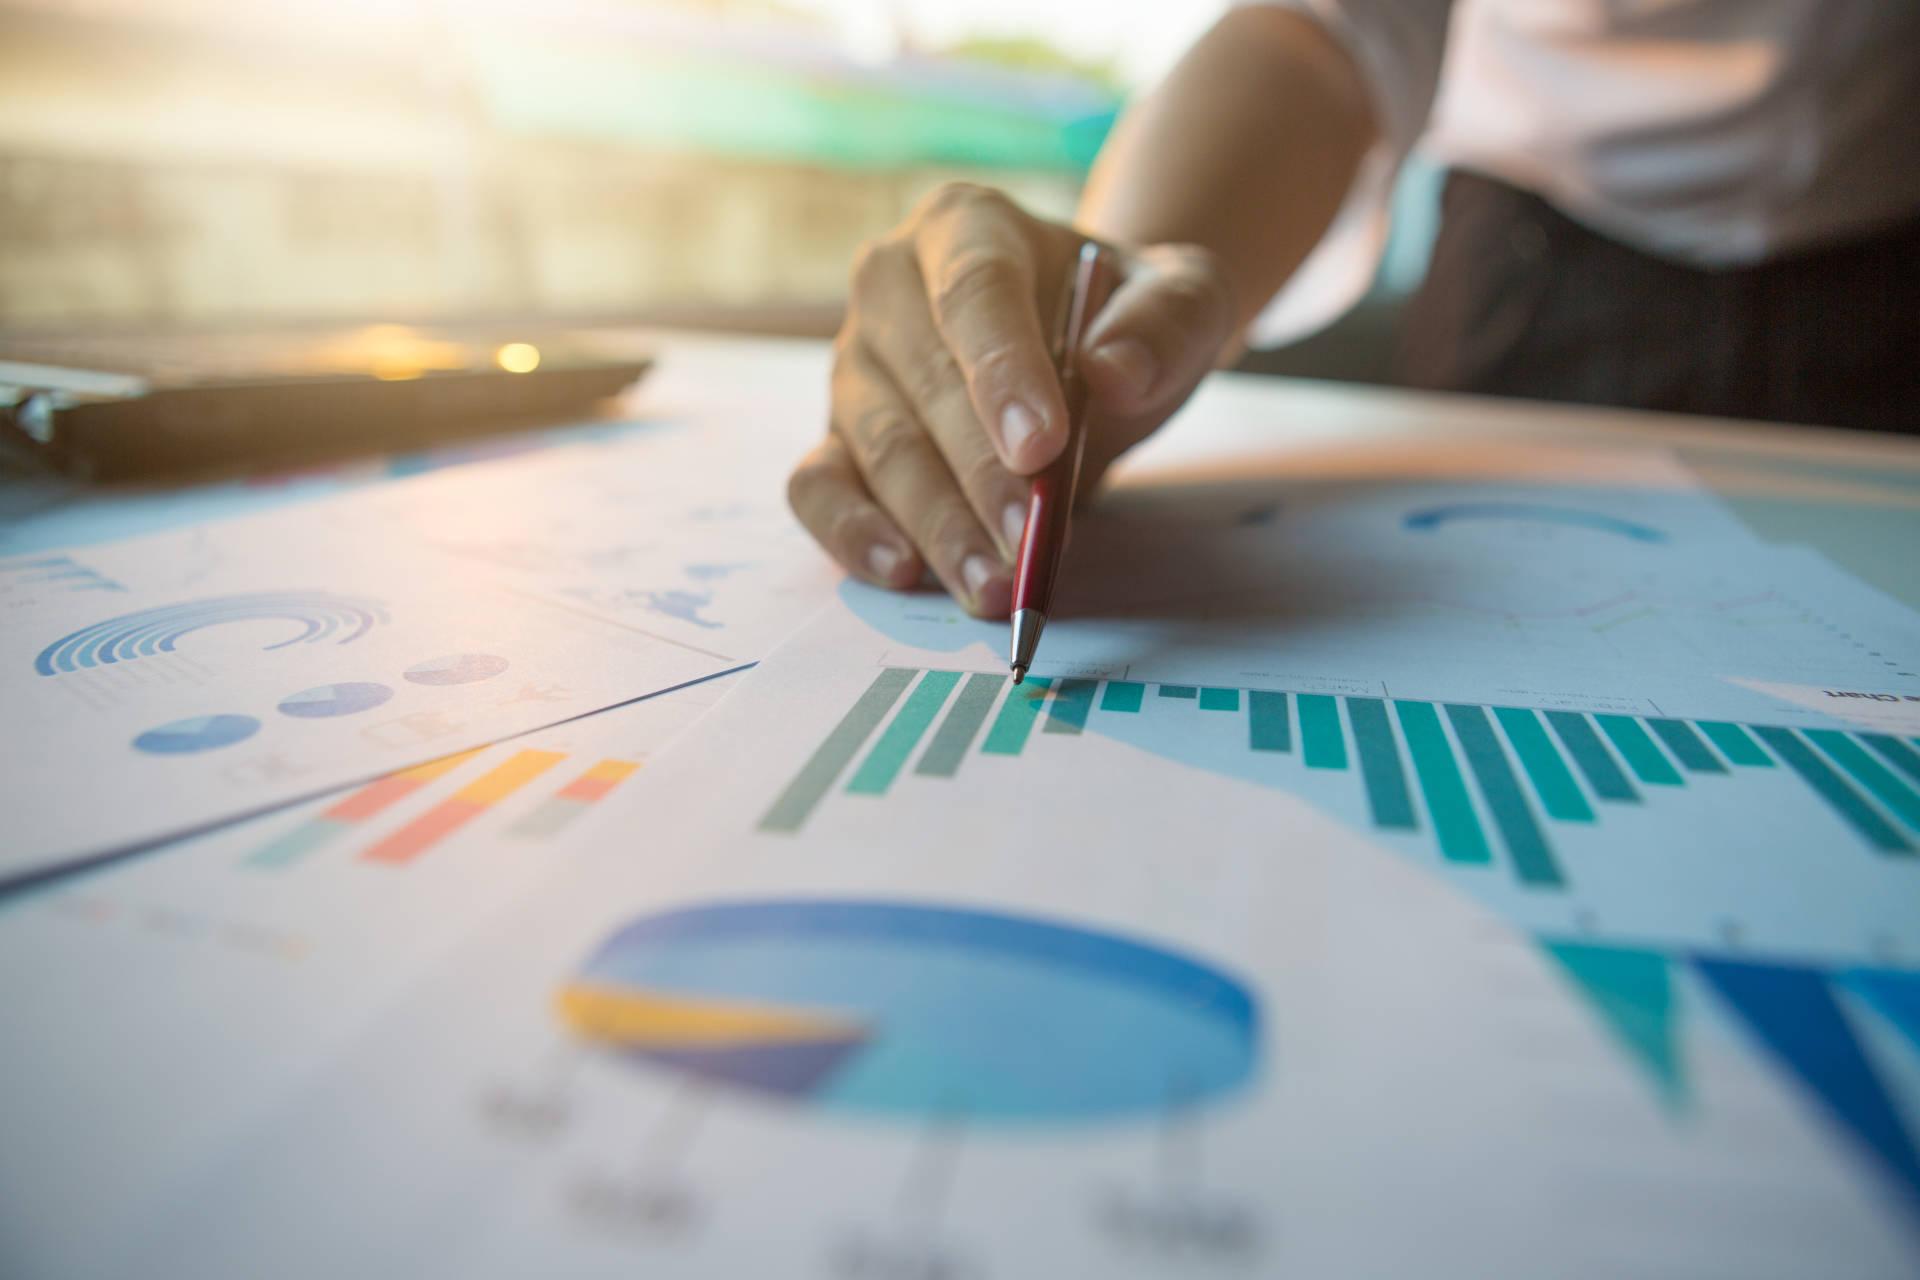 business smart meters data capture